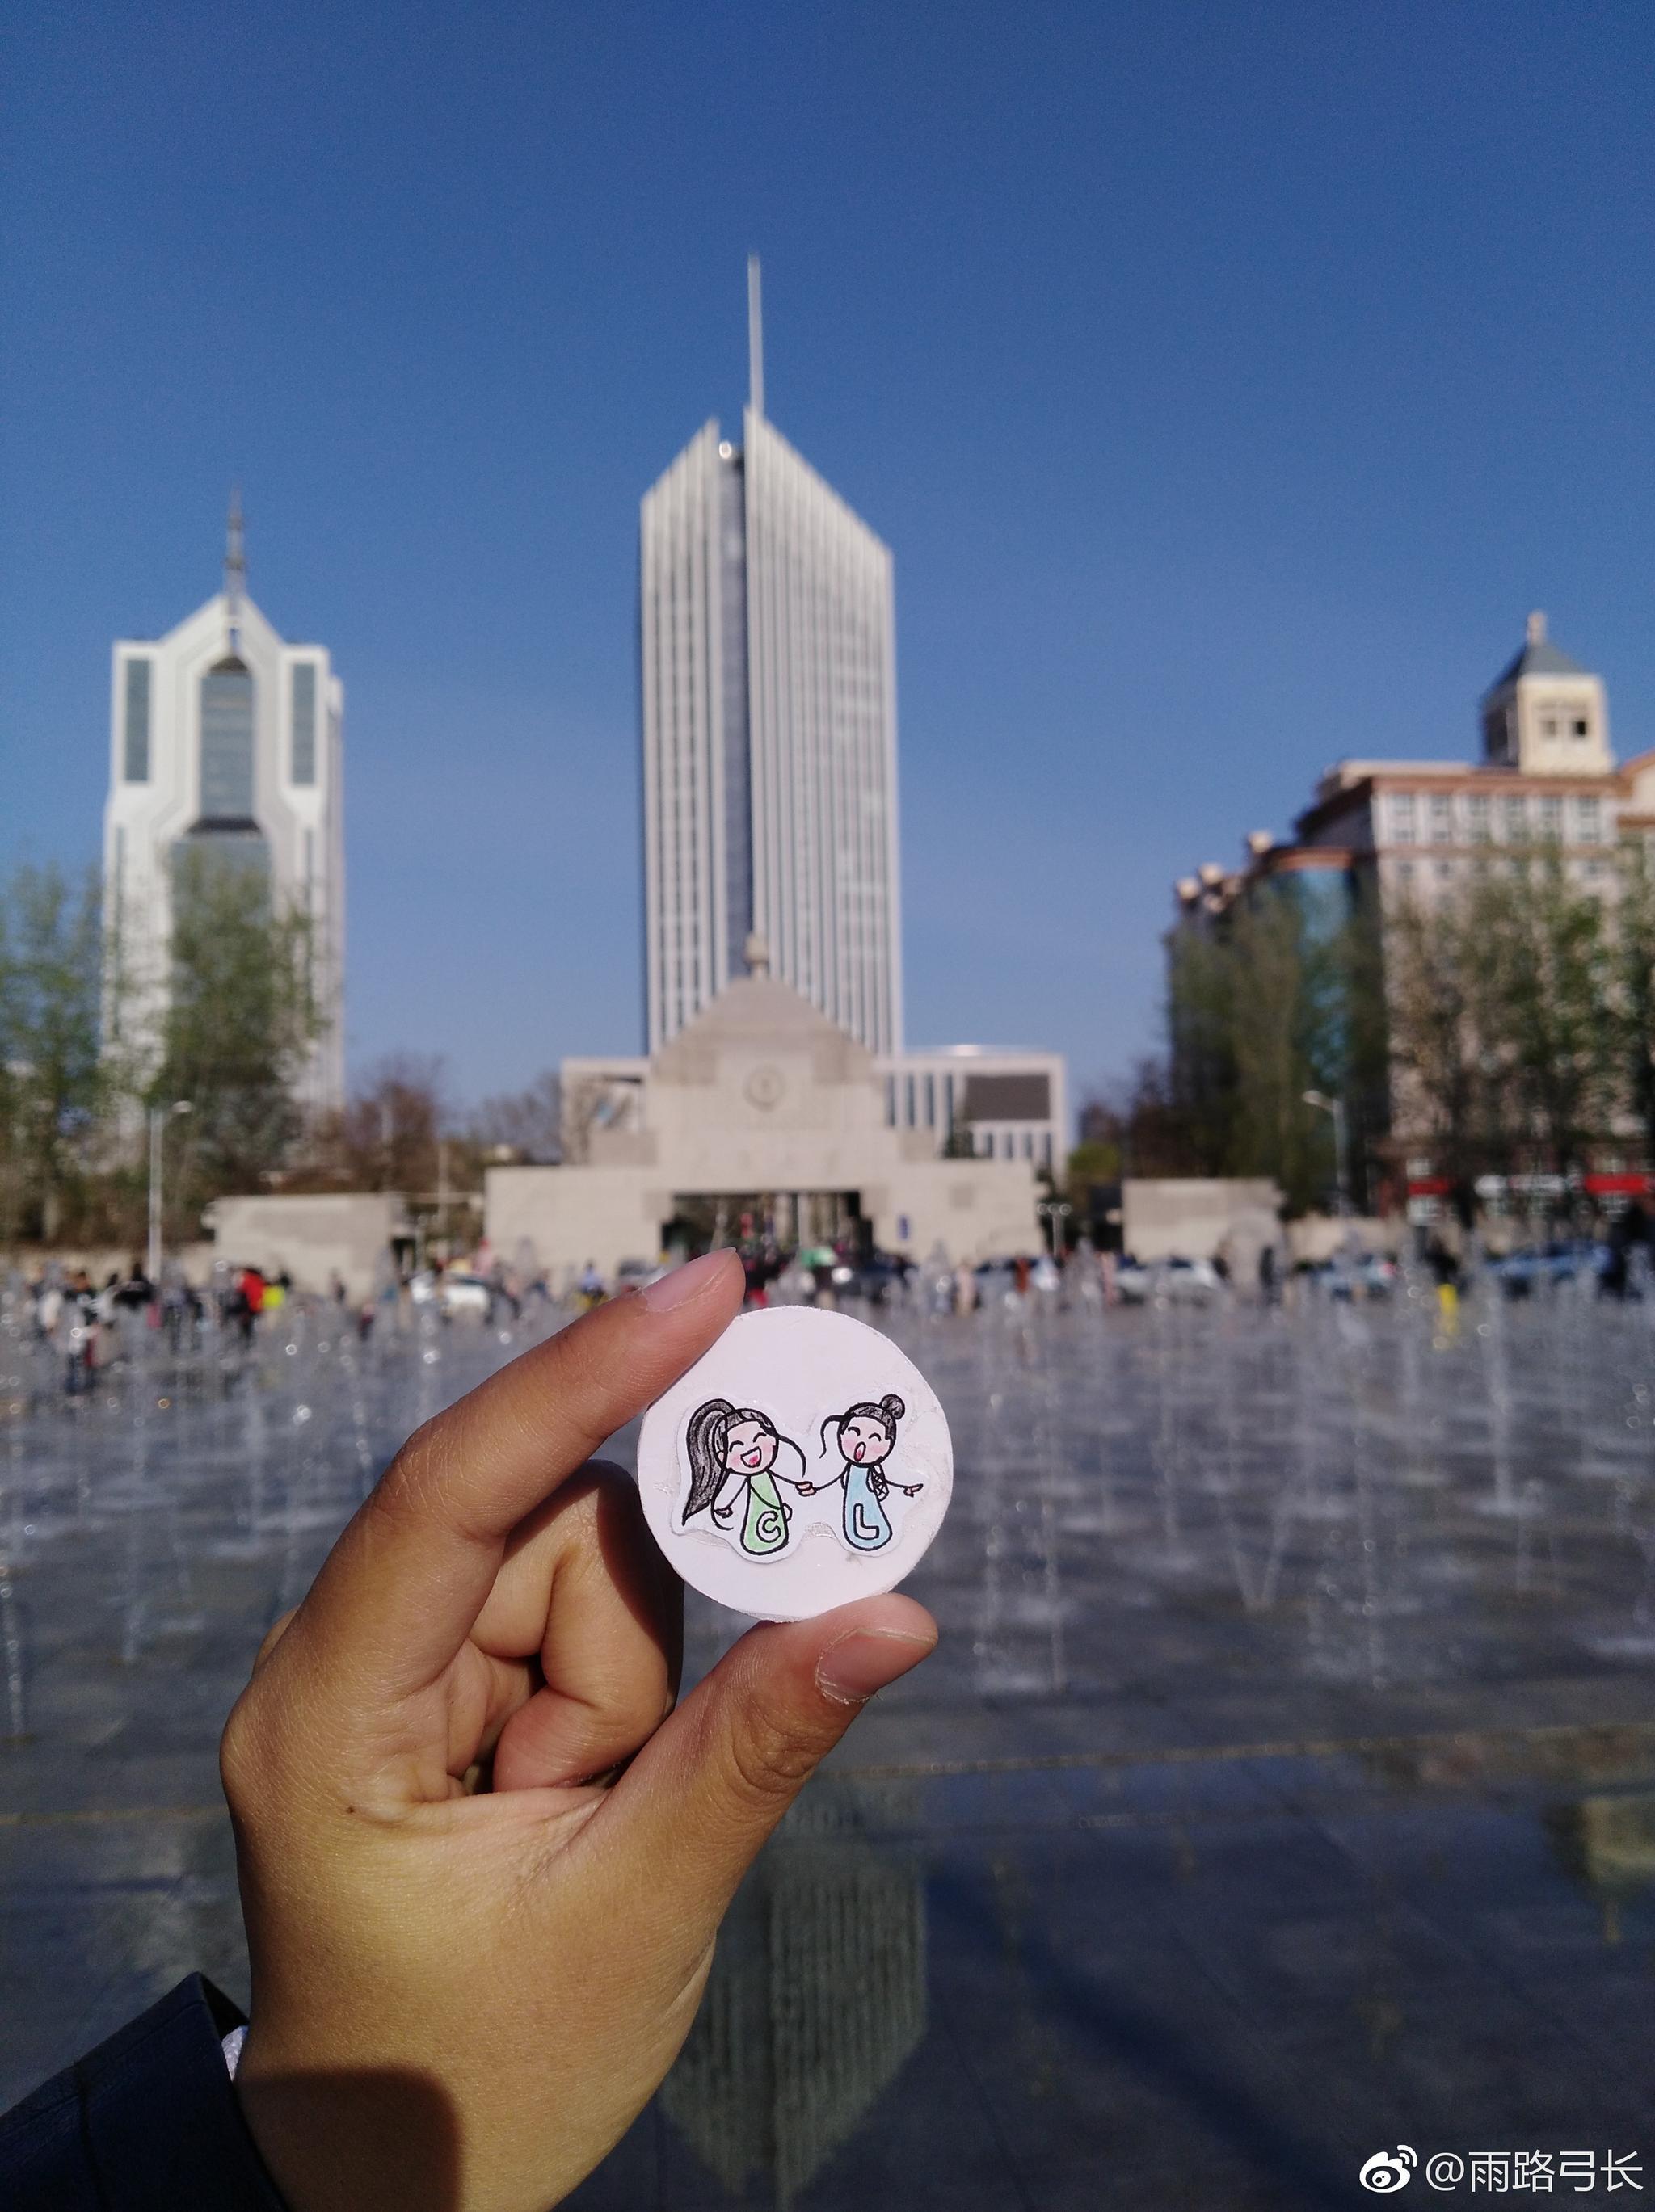 清明节期间去天津大学看了海棠